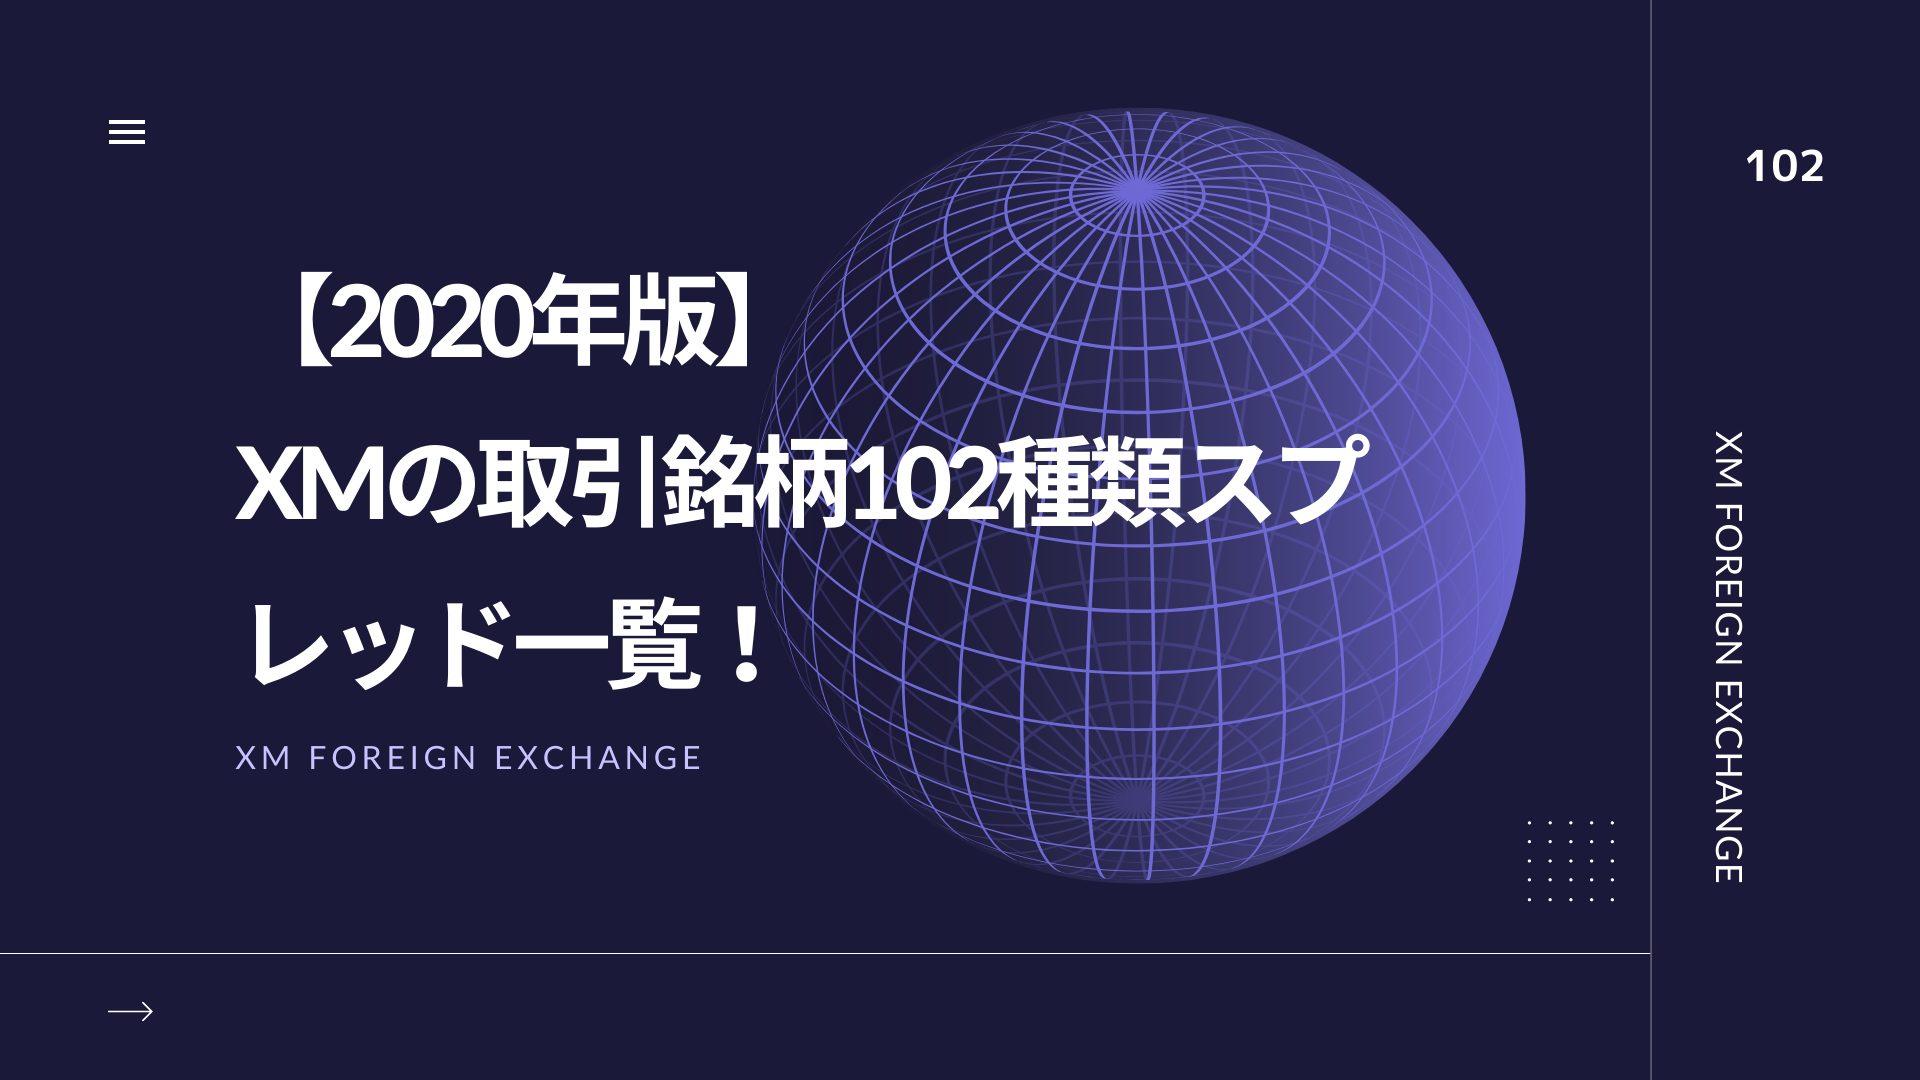 【2020年版】 XMの取引銘柄102種類のスプレッド一覧!